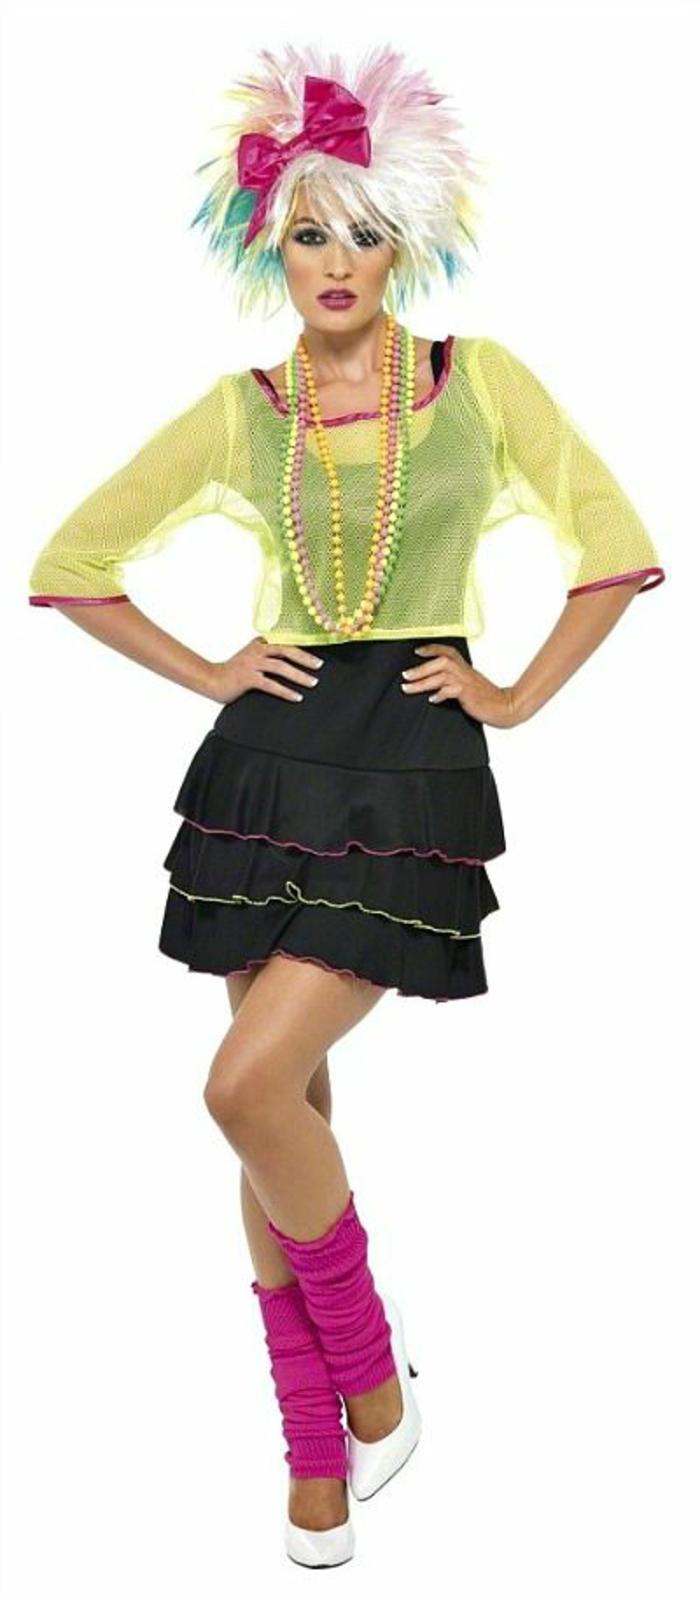 mode année 80 jupe à volants noire et blouse transparente en jaune criard manches 3/4 ourlets fuchsia